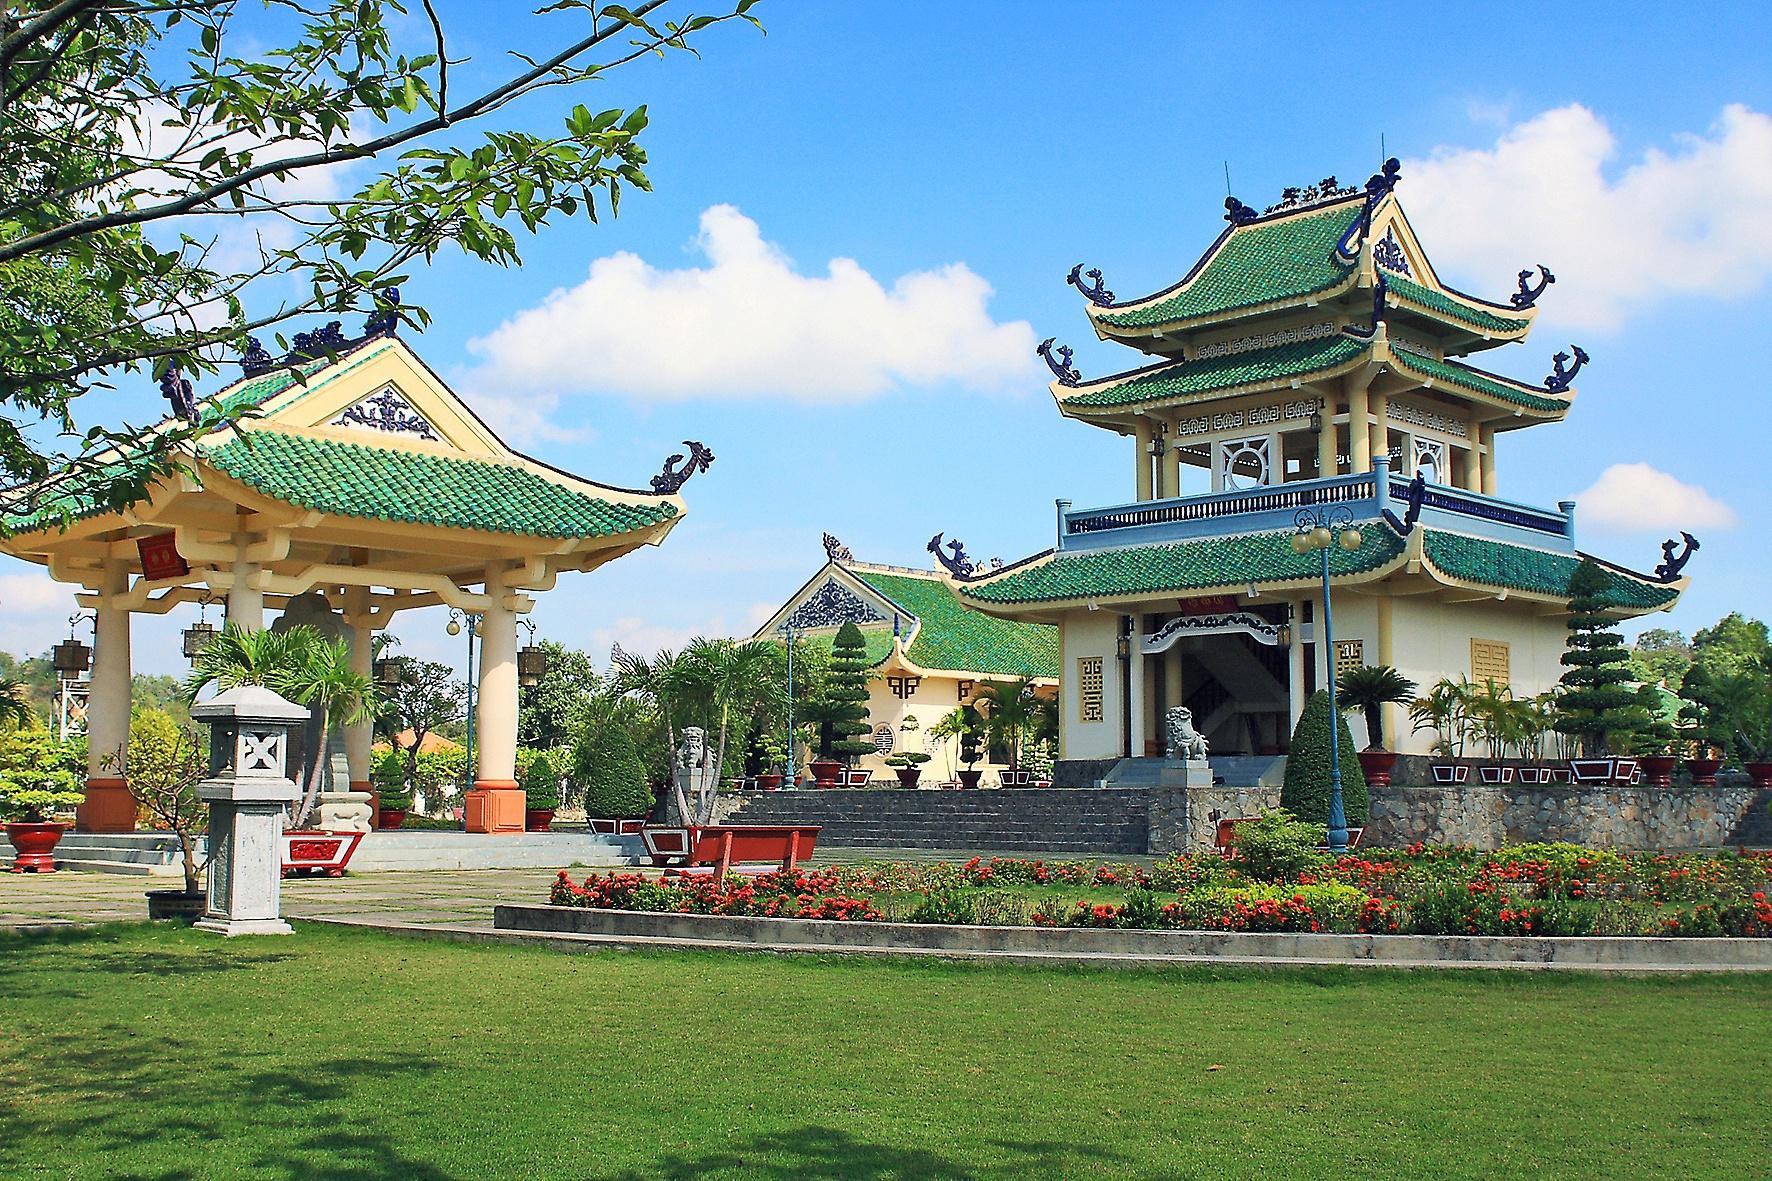 du lich viet nam anh 6  - vanmieutranbientpbienhoa_637202128689367133 - Tỉnh nào ở Việt Nam có nhiều hơn một thành phố?